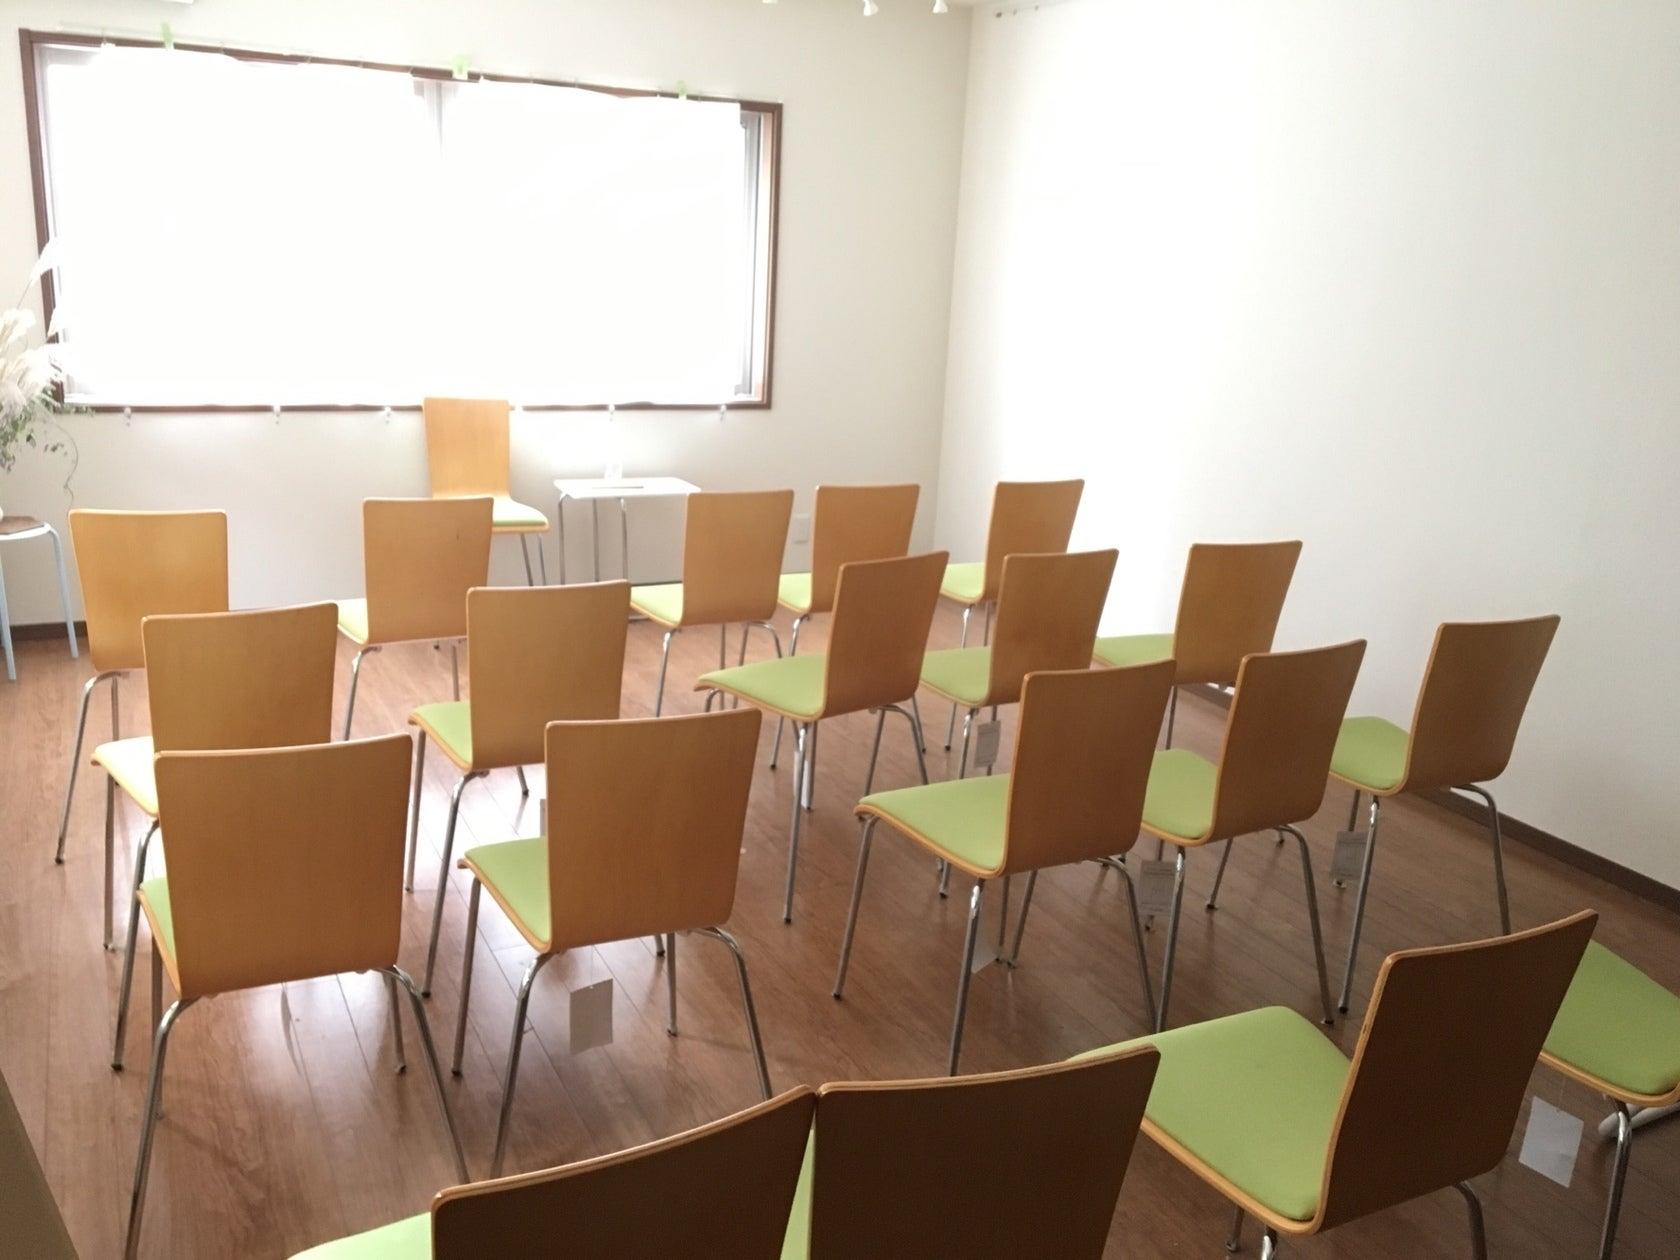 【渋谷・駒場・代々木上原】ギャラリーレール & ライト完備の広々イベントスペース(アトリエ リアン) の写真0